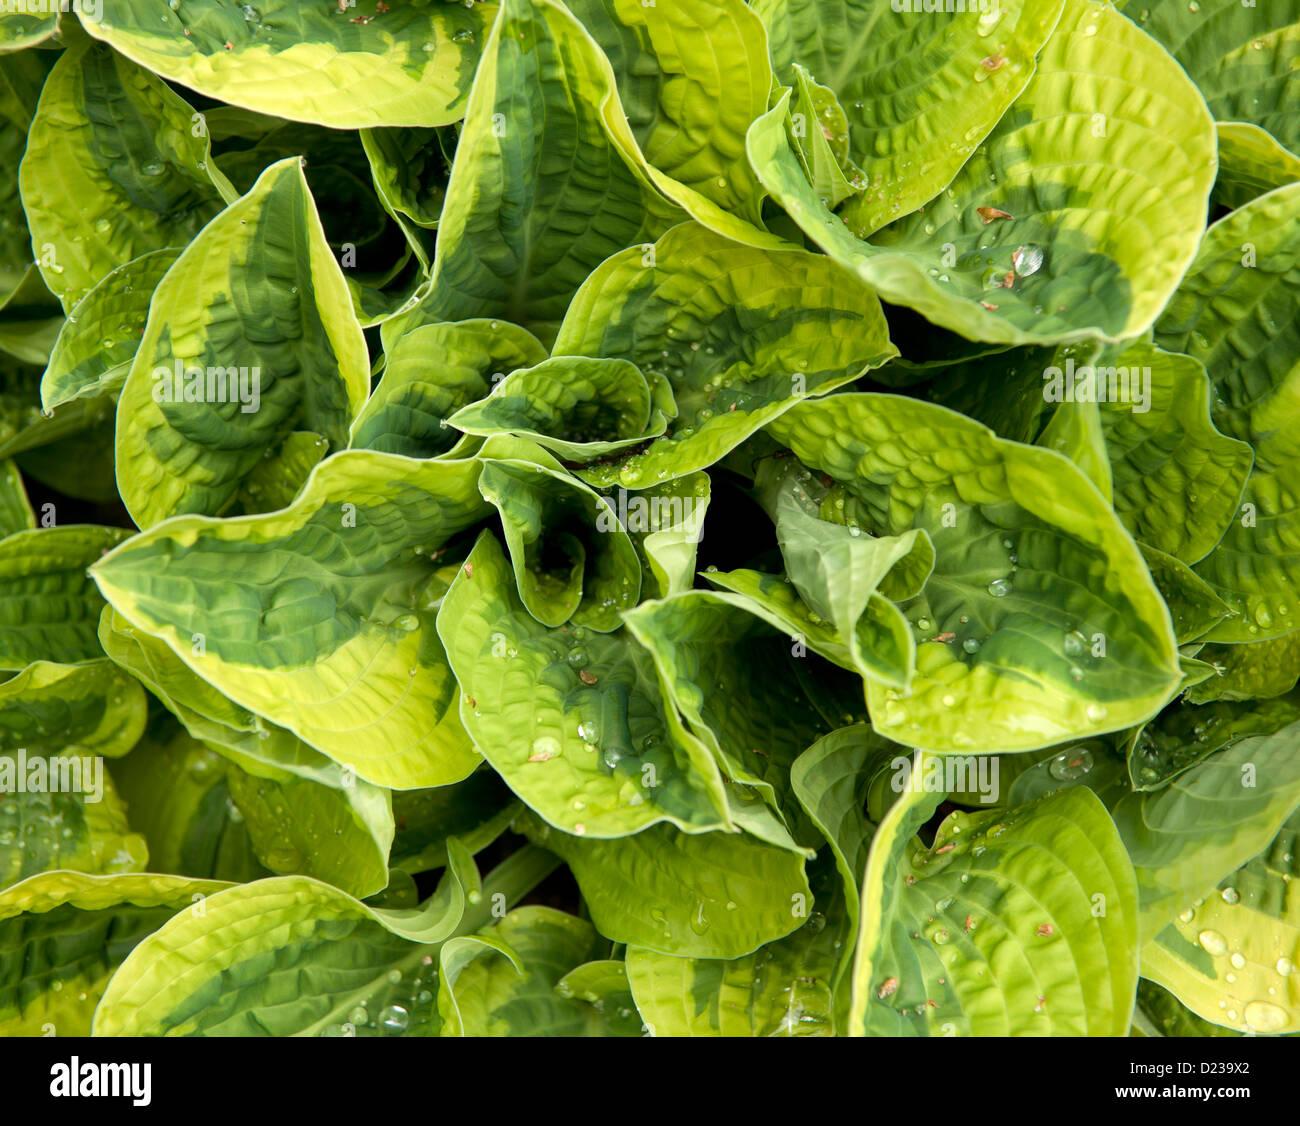 Una planta hosta con hojas variegadas Imagen De Stock